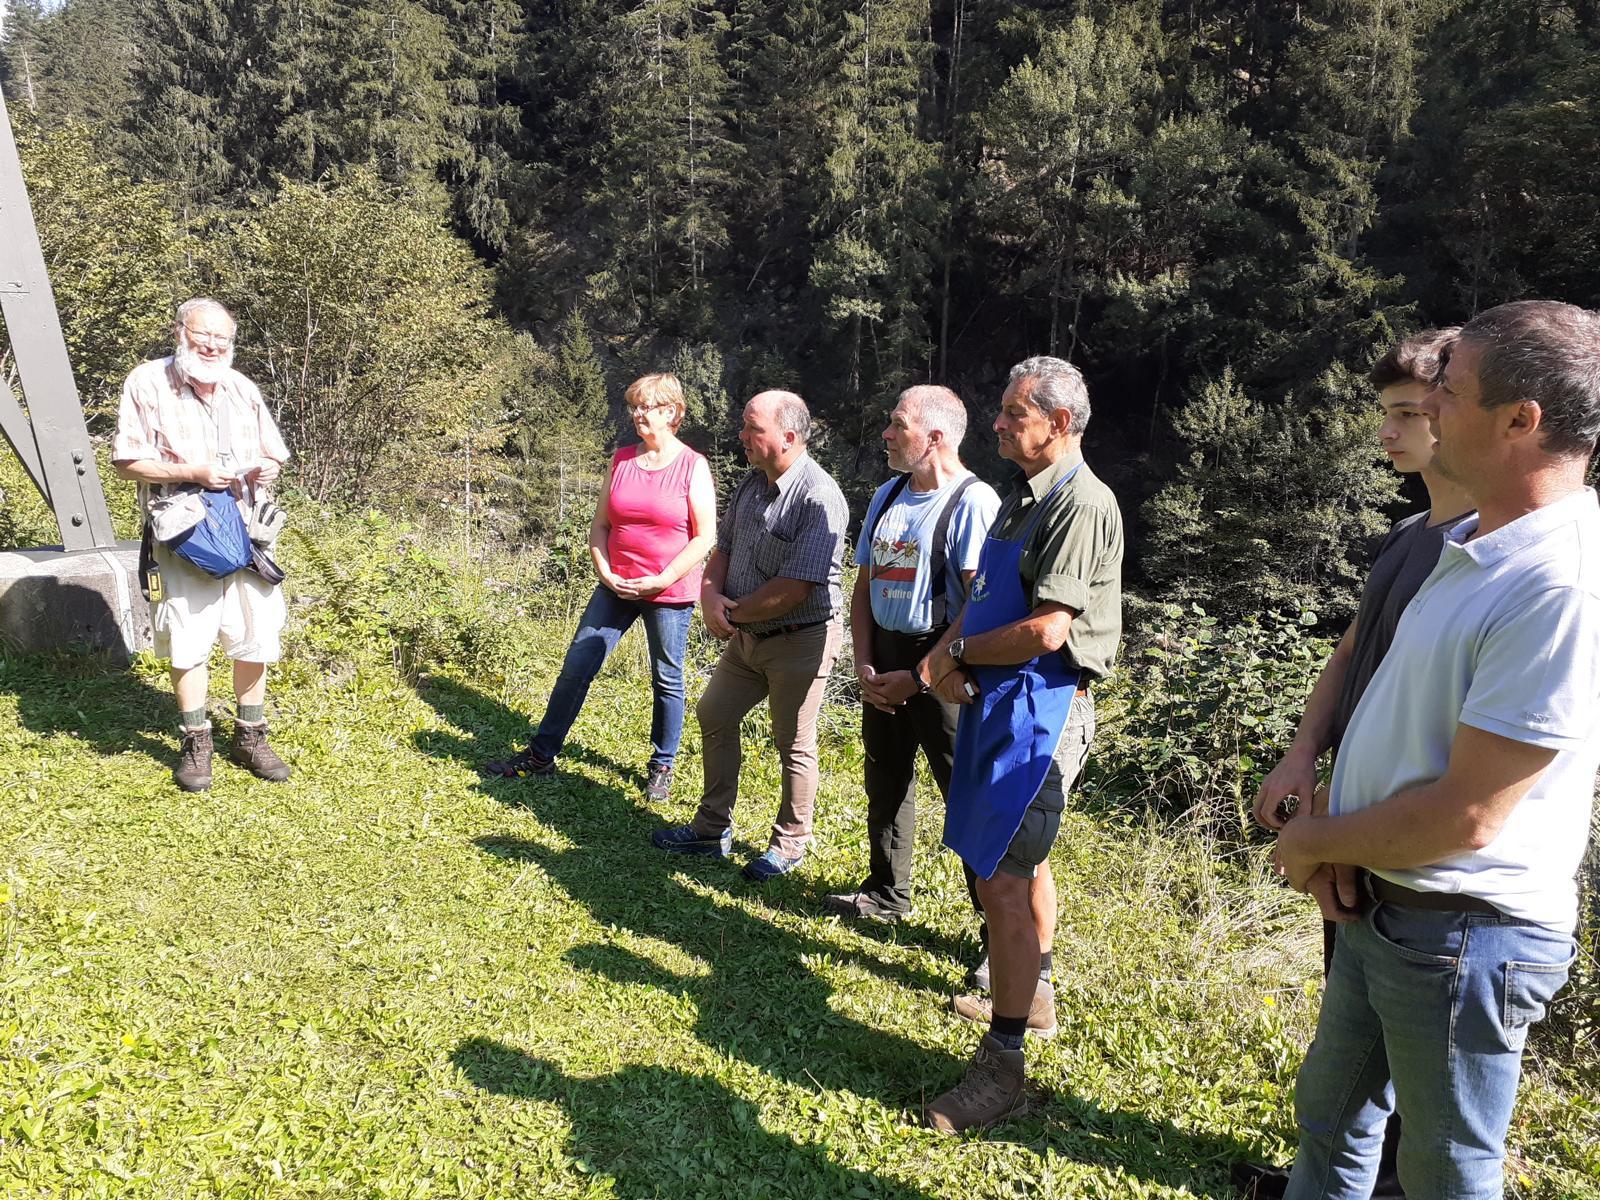 Andreas Hofer Bund Tirol und Andreas Hofer Bund e.V. Deutschland bei der Klotz Hütte im Ruetztal, Stubai.